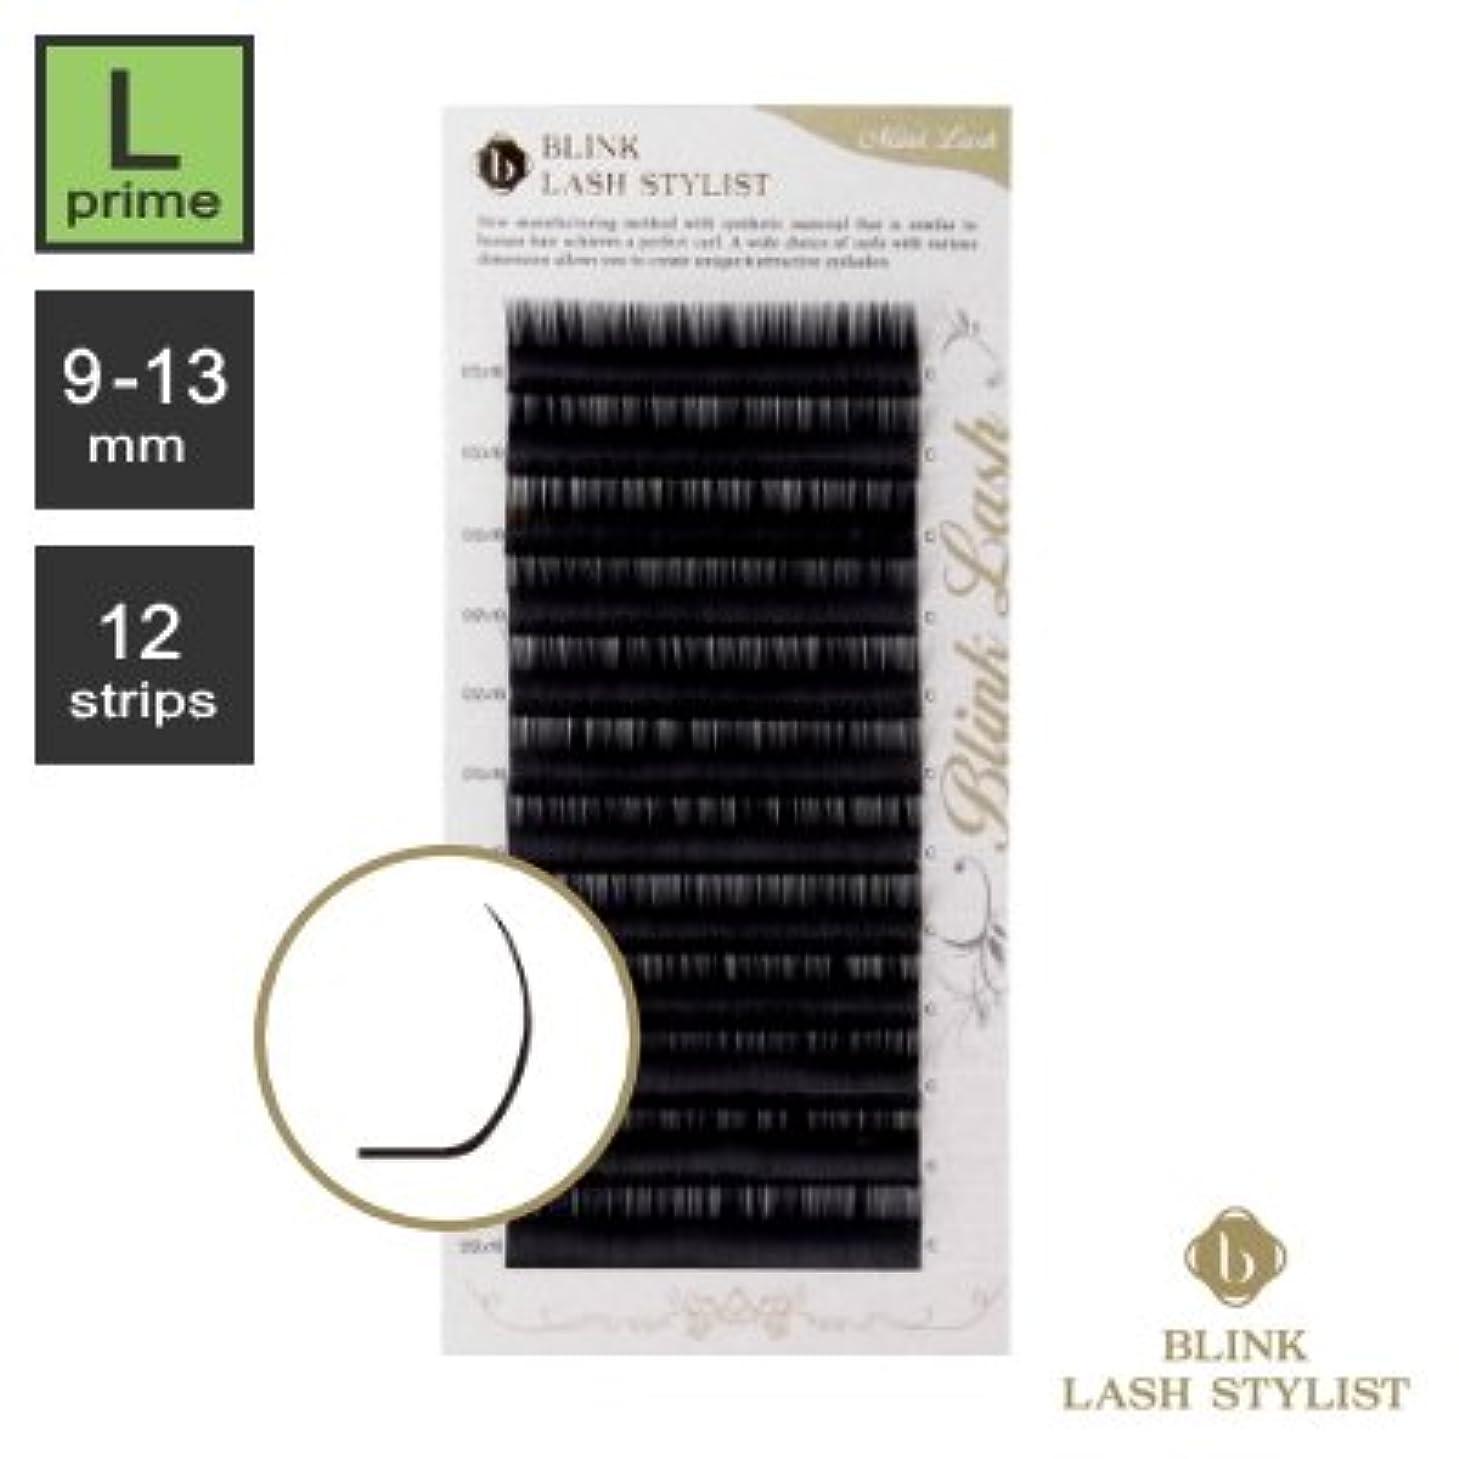 先例一目評価可能まつエク《世界初!レーザー加工》BLINK ミンクラッシュ (Lプライムカール) (12列) (0.15 / 13mm)